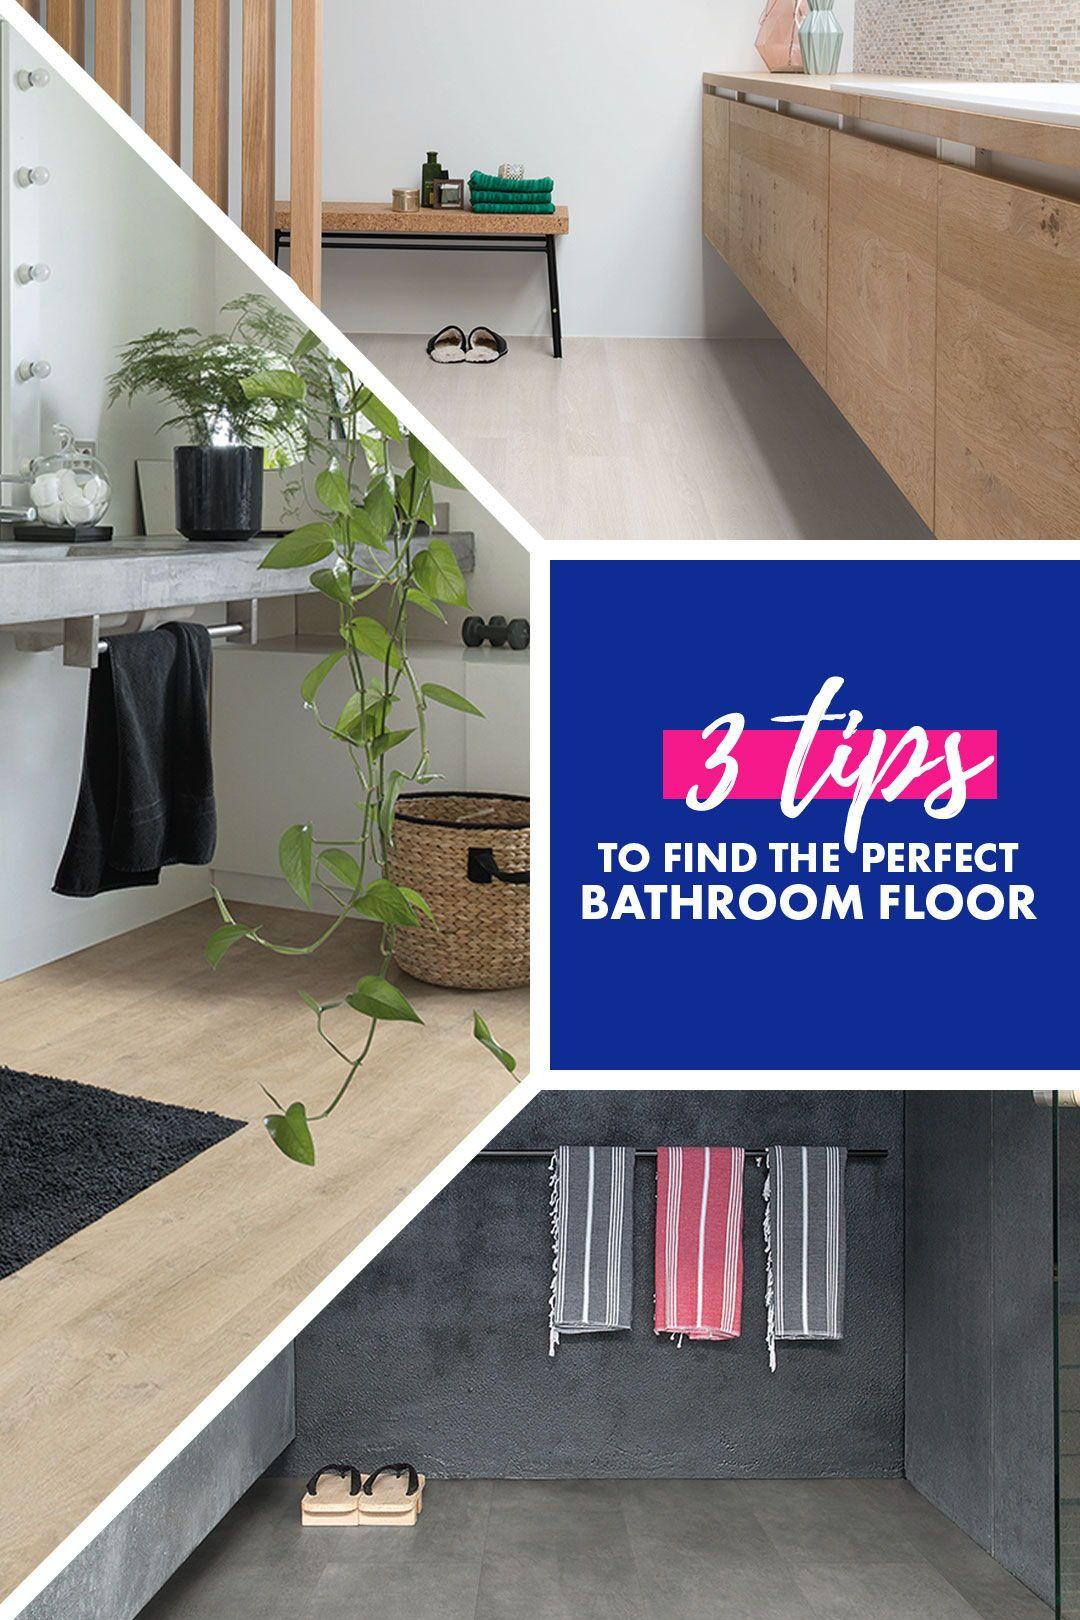 Choose The Perfect Bathroom Floor Bathroom Flooring Flooring Waterproof Bathroom Flooring